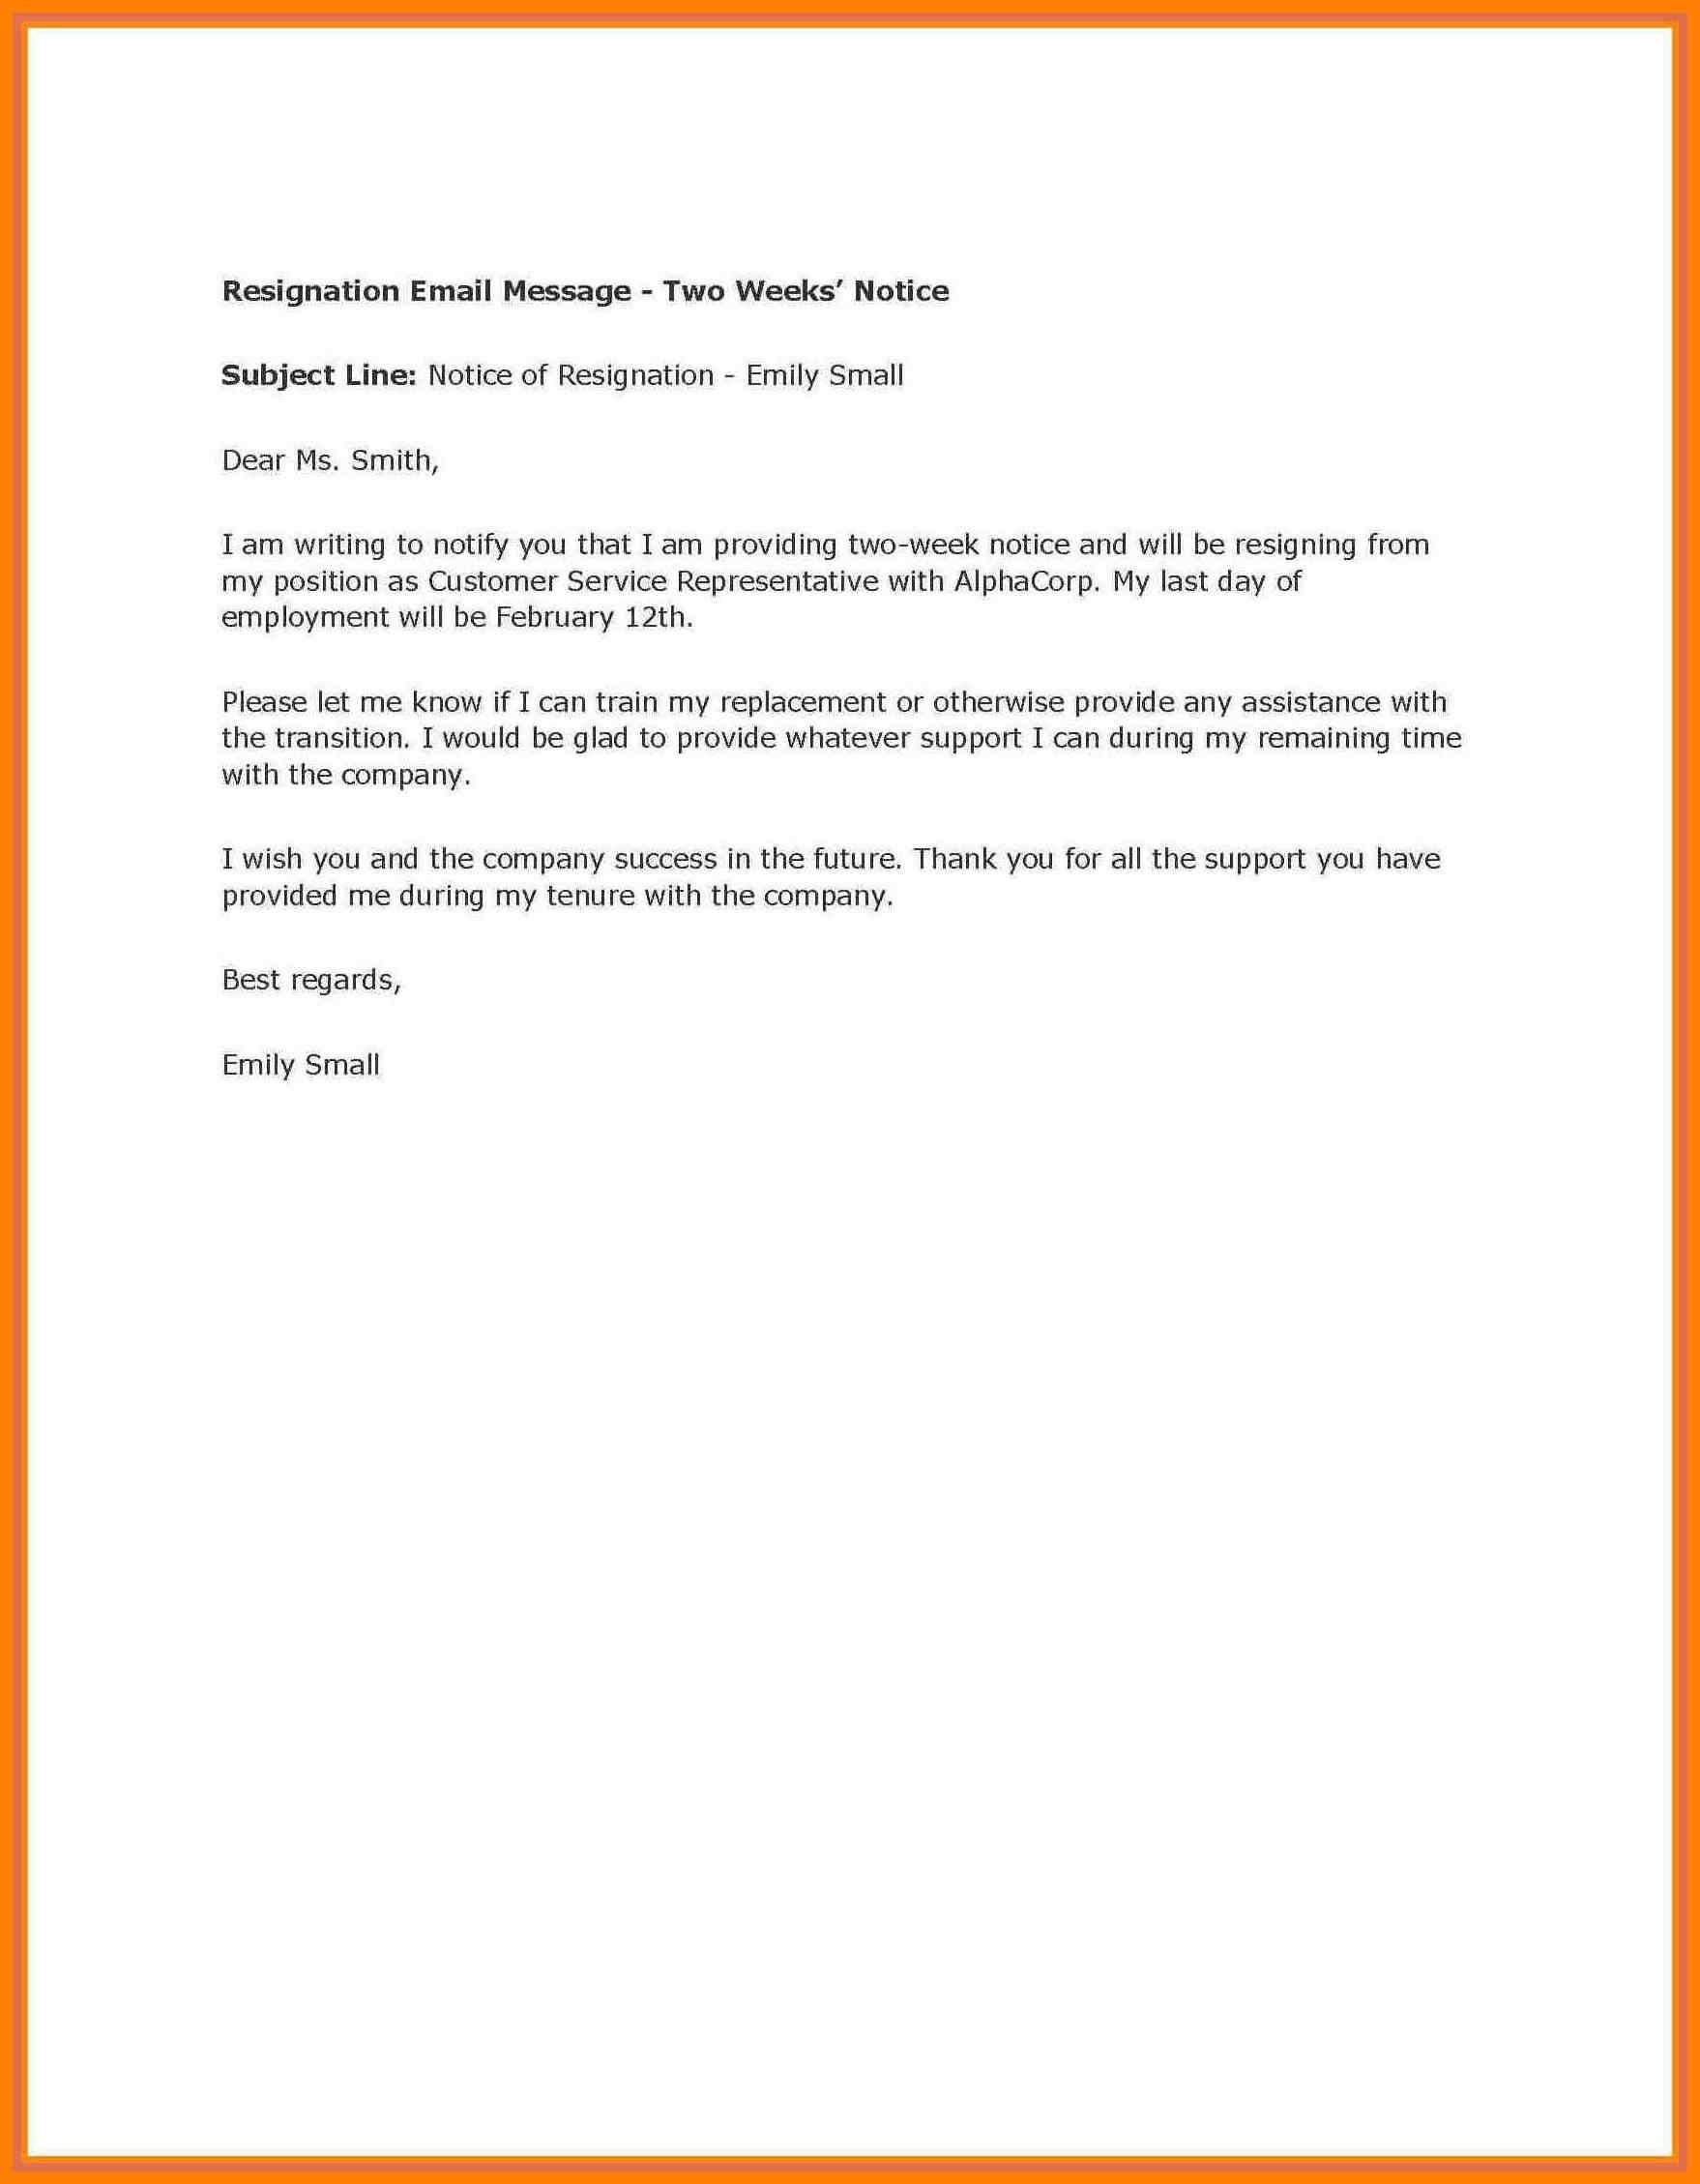 002 Week Notice Template Word Ideas Two Weeks Letter Example Throughout 2 Weeks Notice Template Word